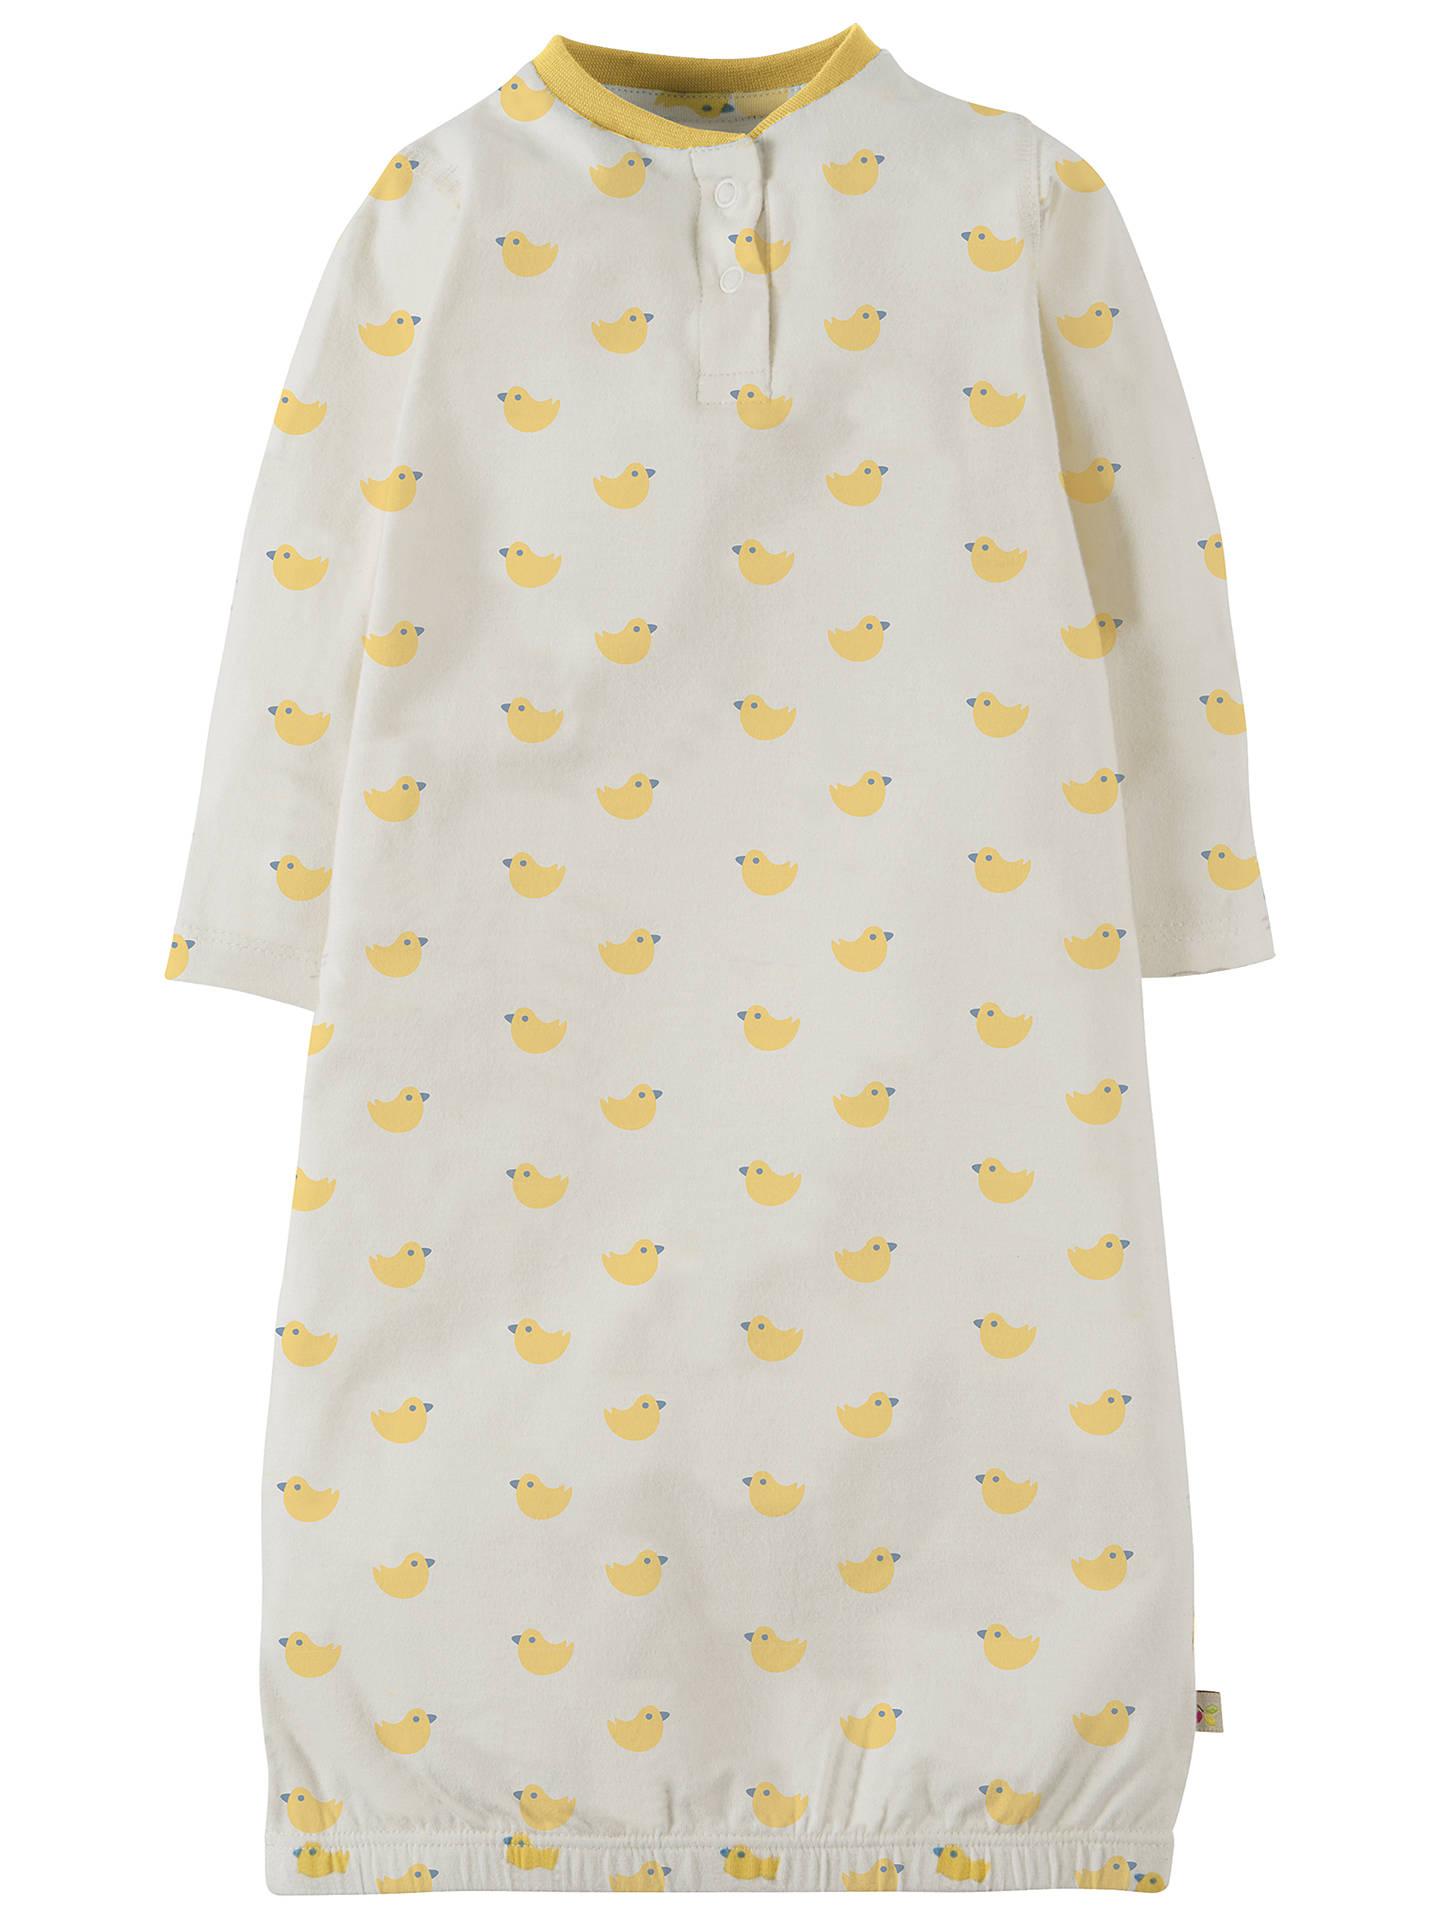 Frugi Organic Baby Sleepy Nightgown, White/Yellow at John Lewis ...